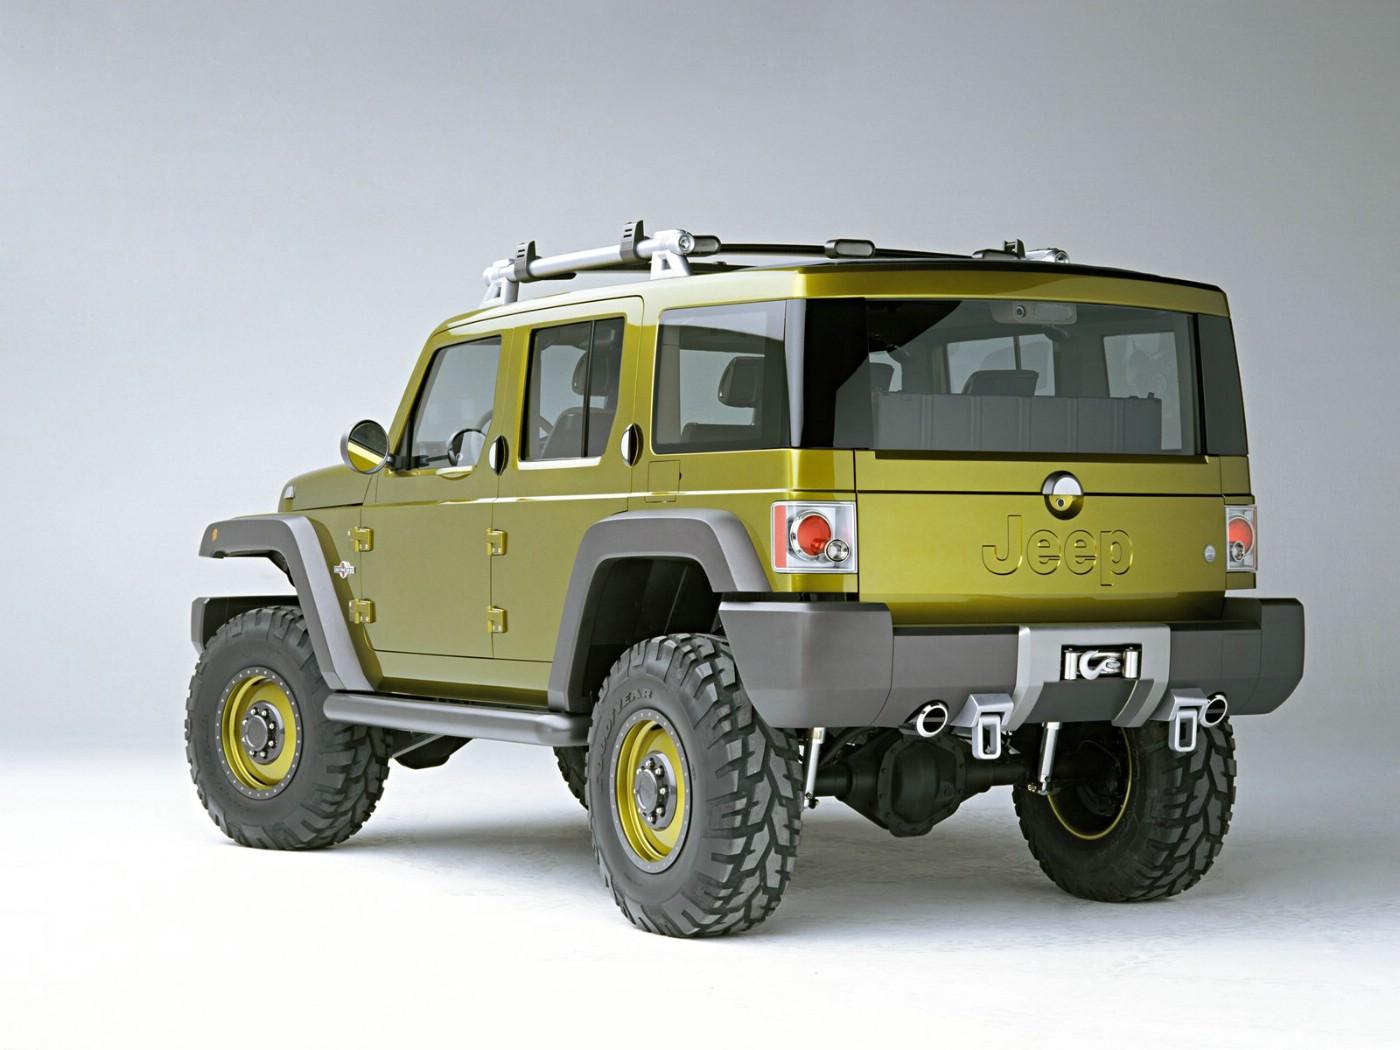 壁纸1400×1050高清晰jeep越野车壁纸之二壁纸,高清晰jeep